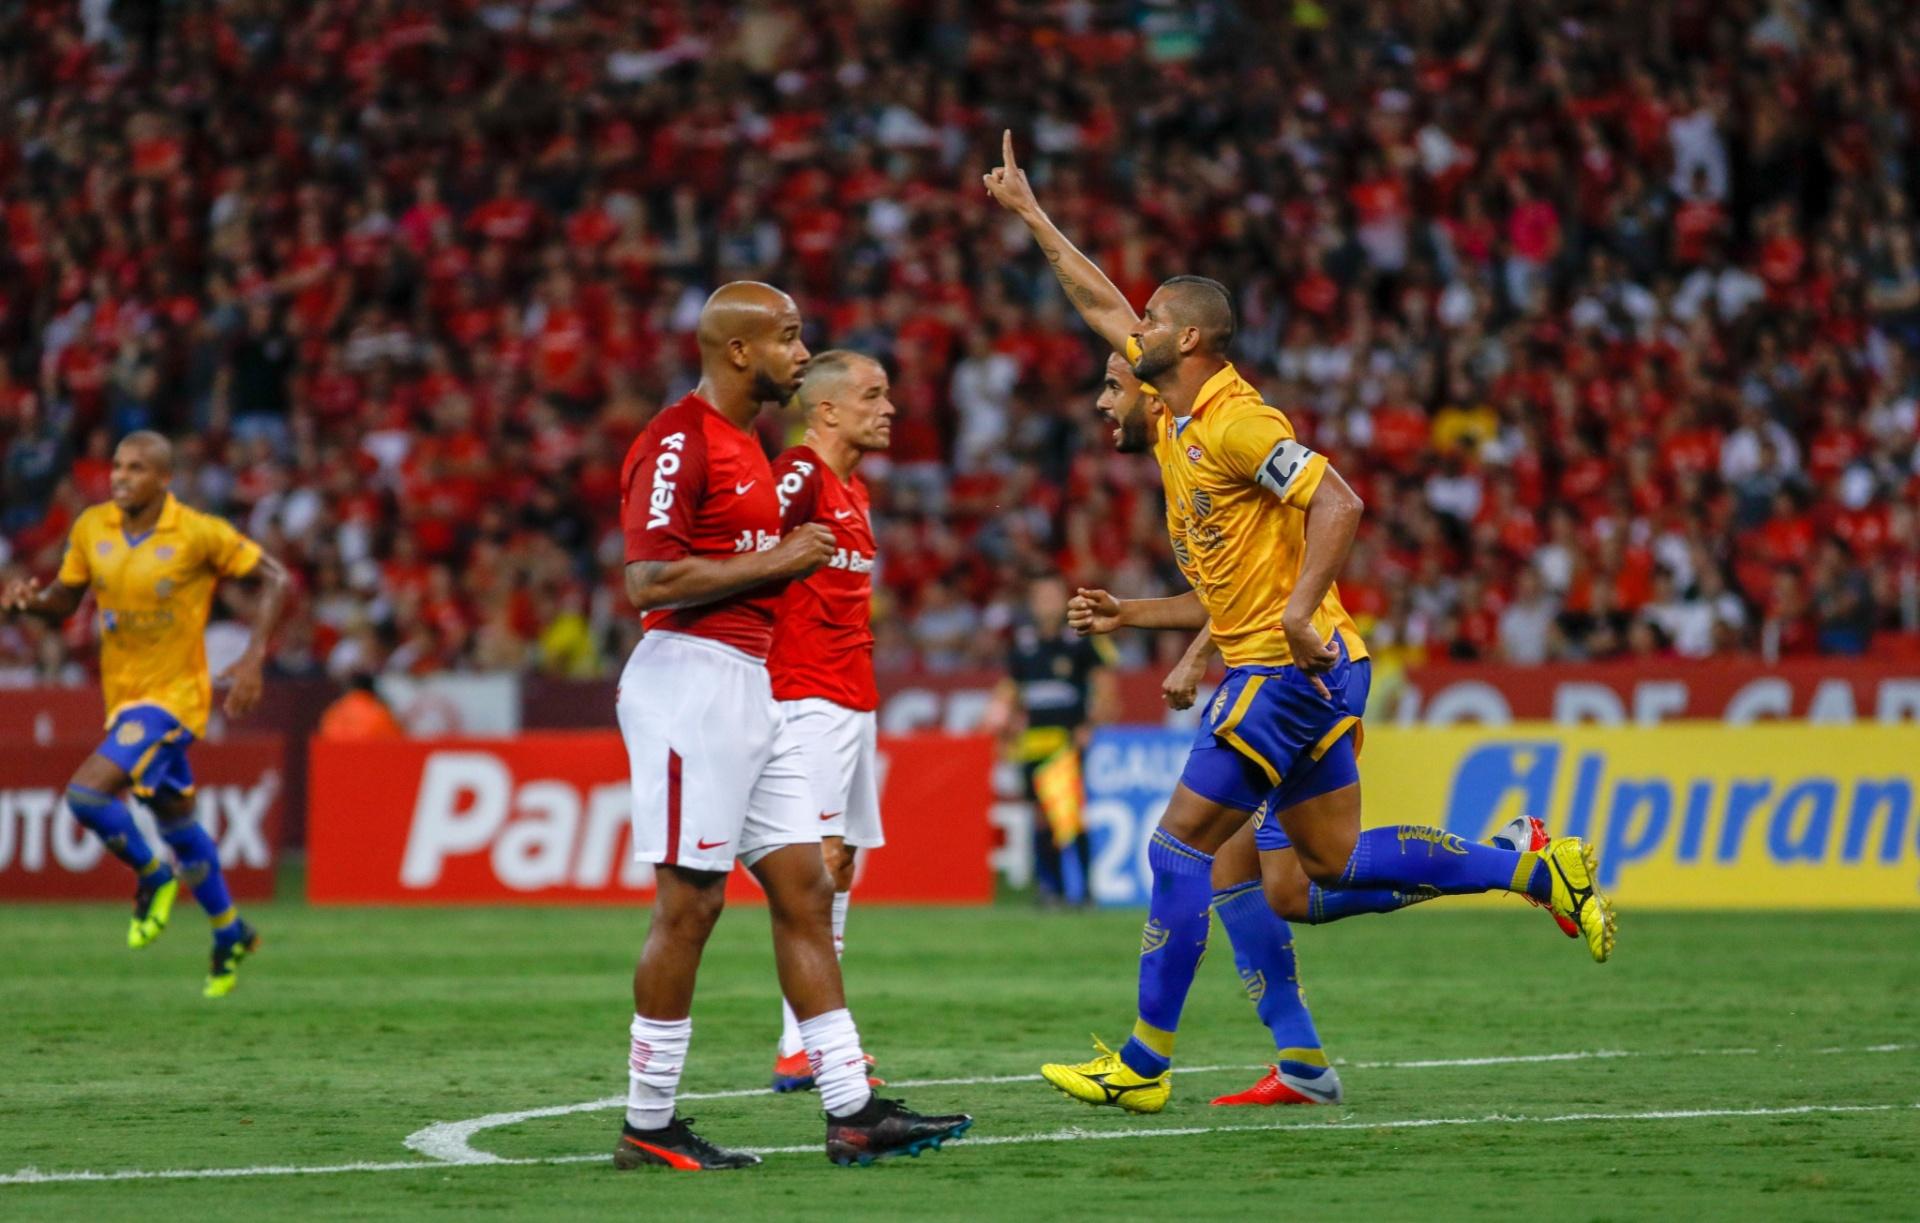 936fe80997 Inter leva virada do Pelotas em casa e perde na estreia de titulares -  24 01 2019 - UOL Esporte